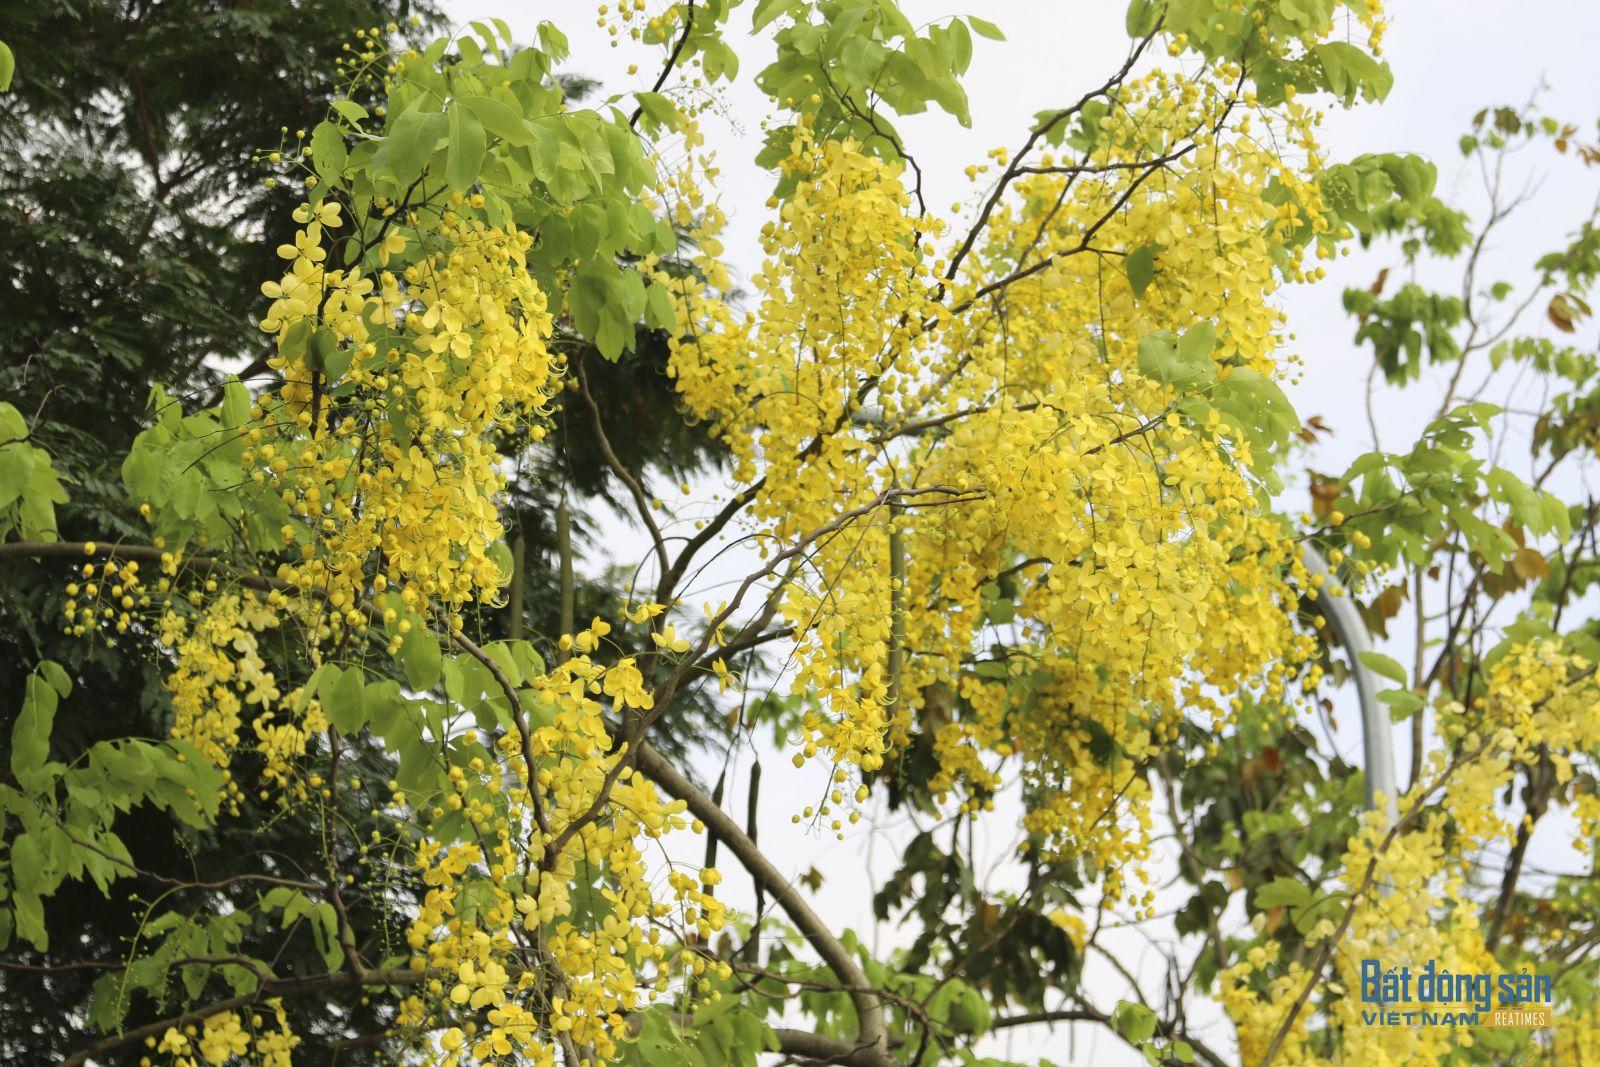 Quả muồng hoàng yến dạng đậu hình trụ, hơi có đốt, dài 20–60 cm hoặc hơn, mang nhiều hạt trái xoan rộng, khi khô có vỏ cứng.